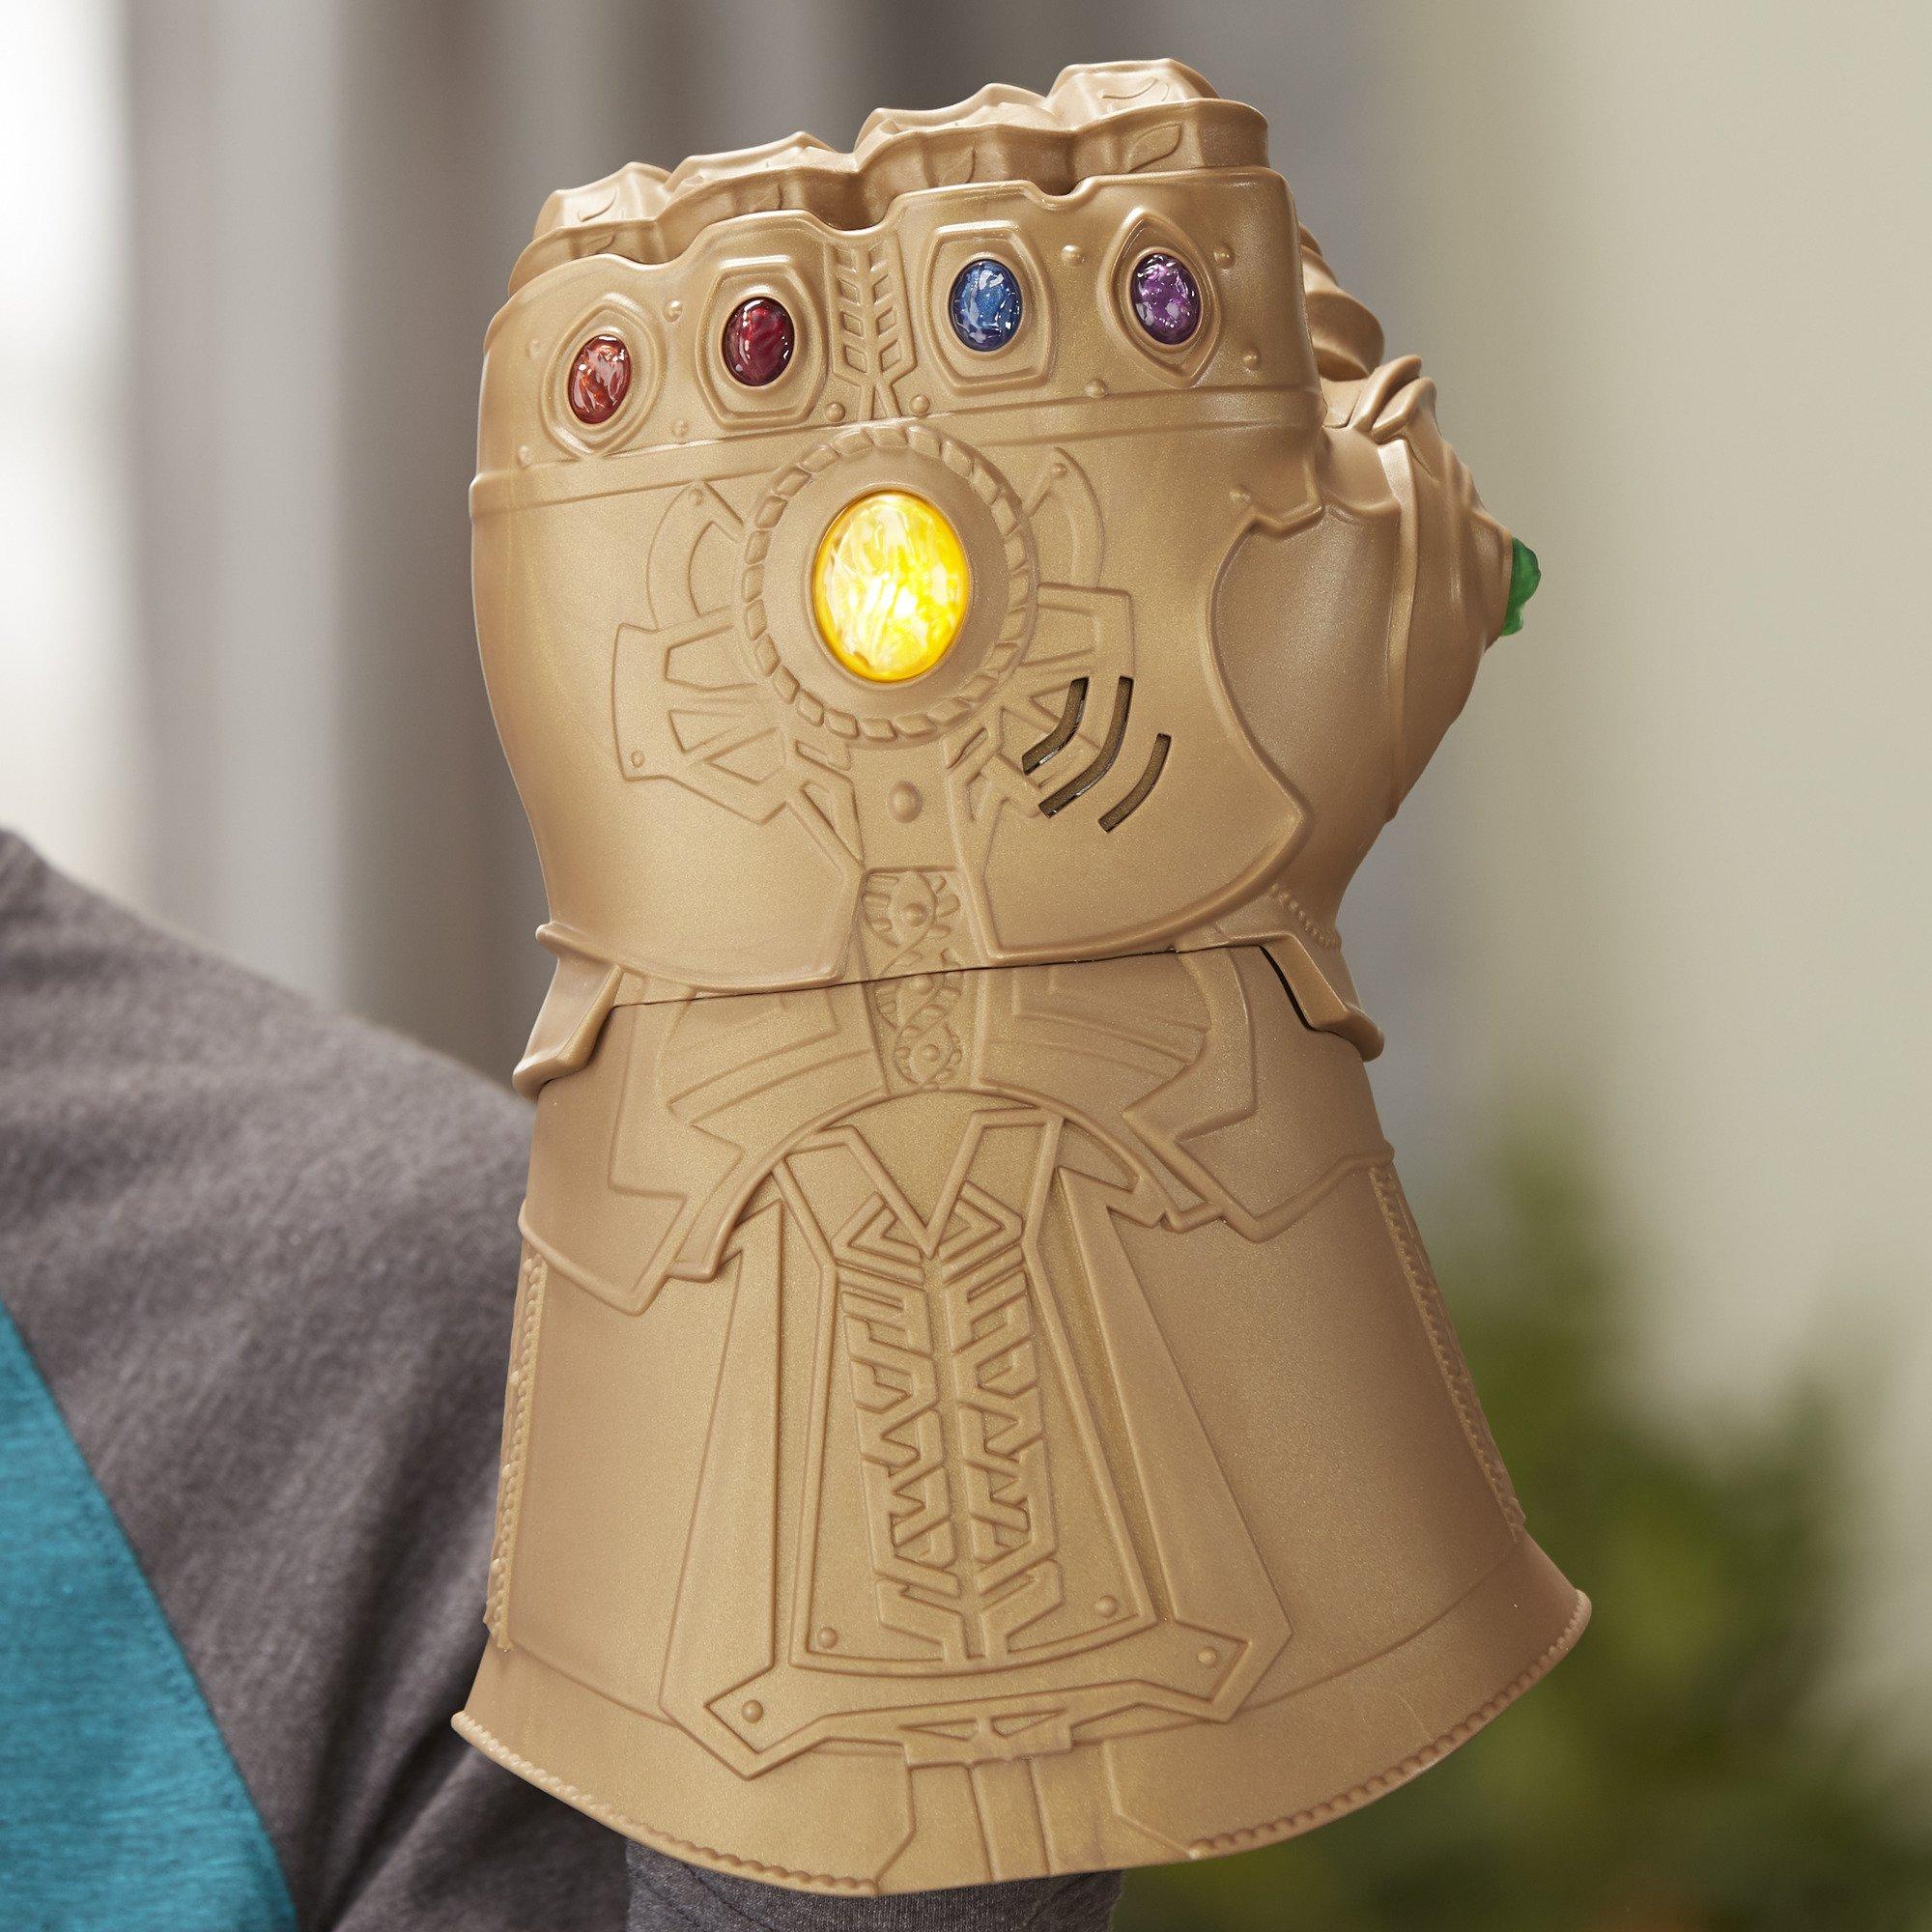 Buy Marvel Infinity Gauntlet Fist Now!